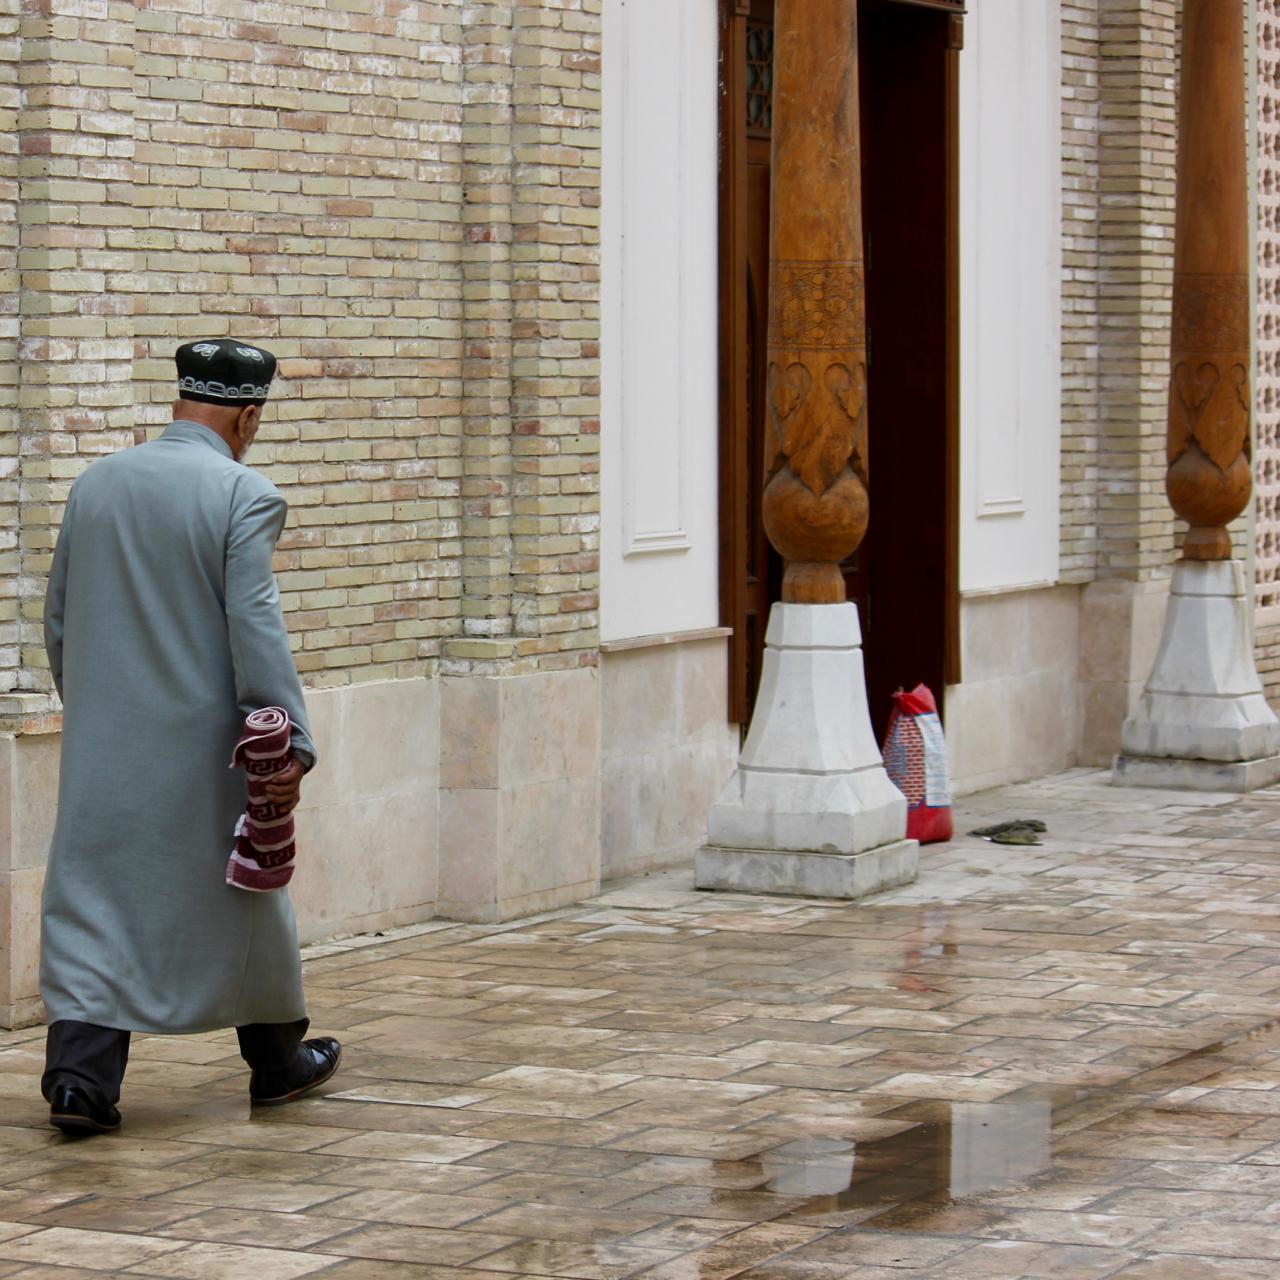 bukhara, uzbekistan - 16